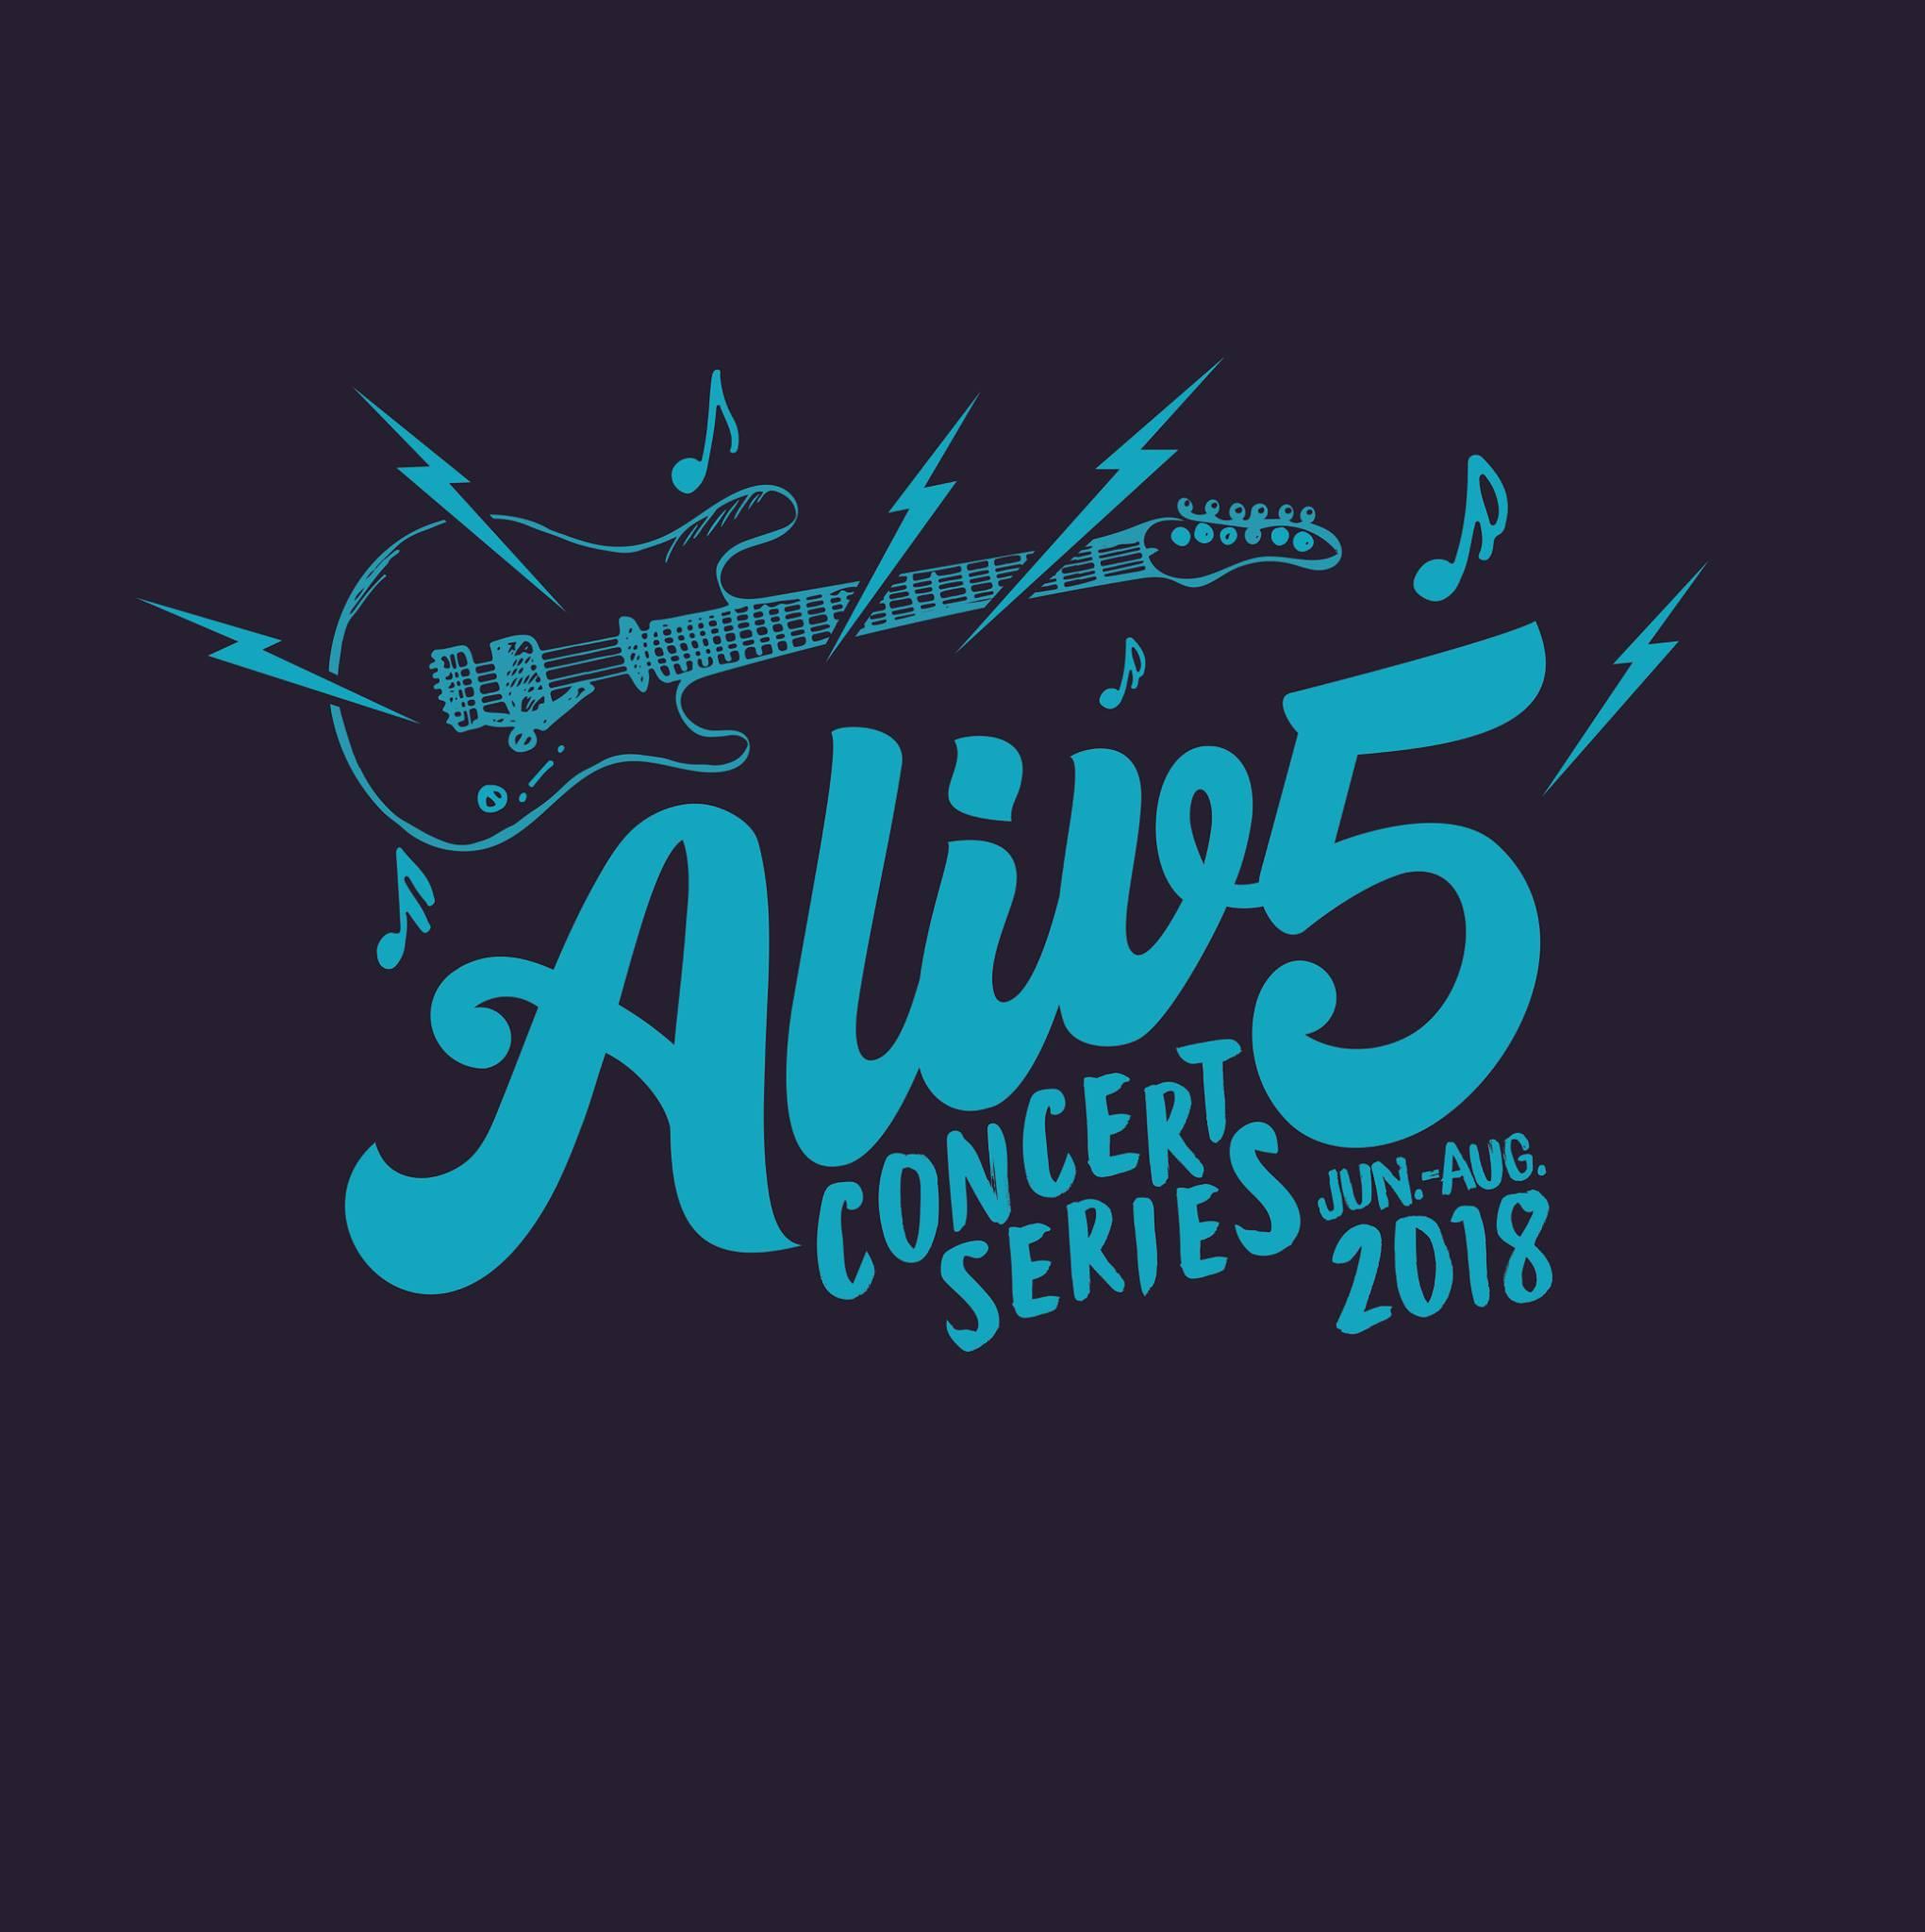 Alive at Five Concert Series Schedule